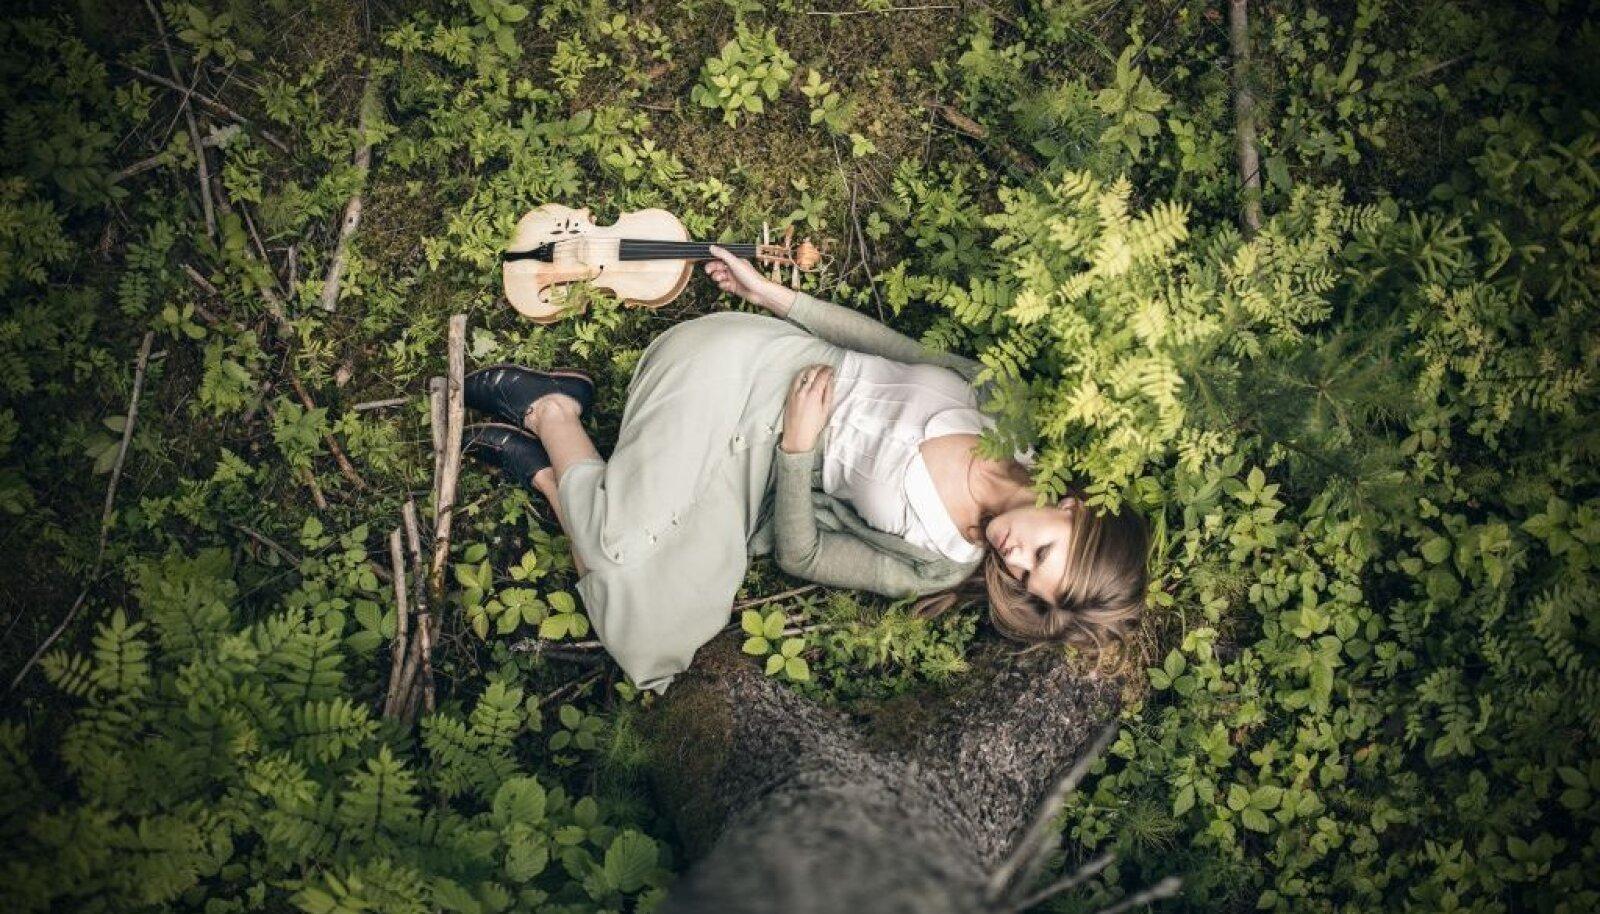 Maarja Nuut on ainus Eesti artist, kes on varem sellel messil käinud